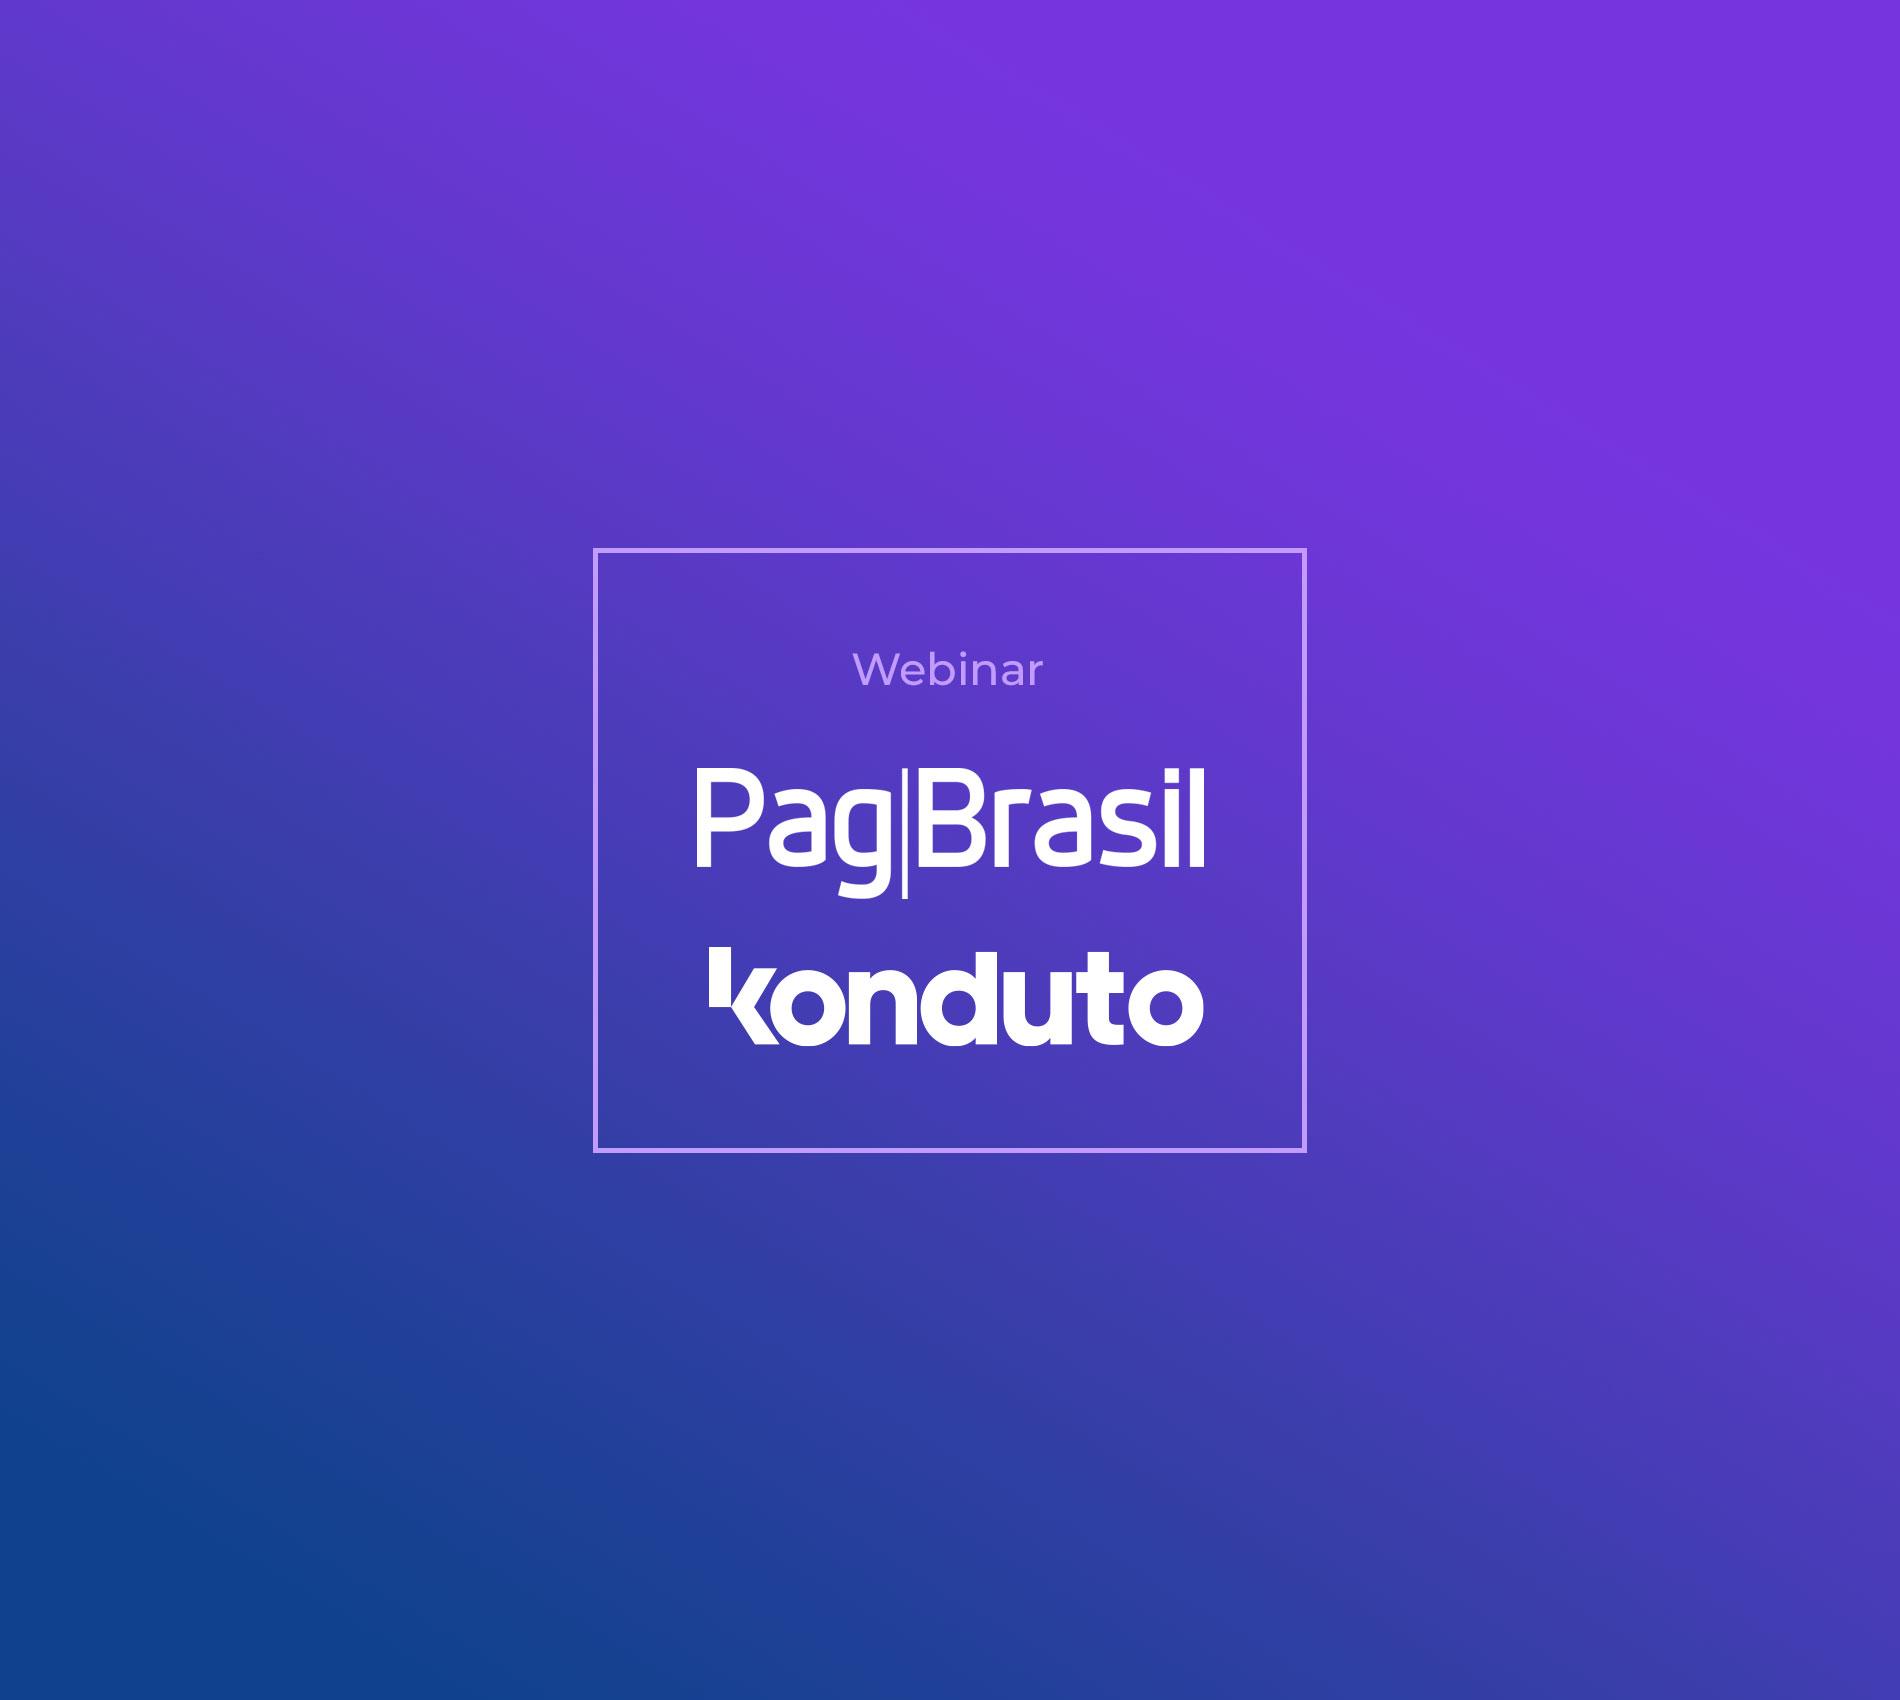 Webinar PagBrasil and Konduto 2020